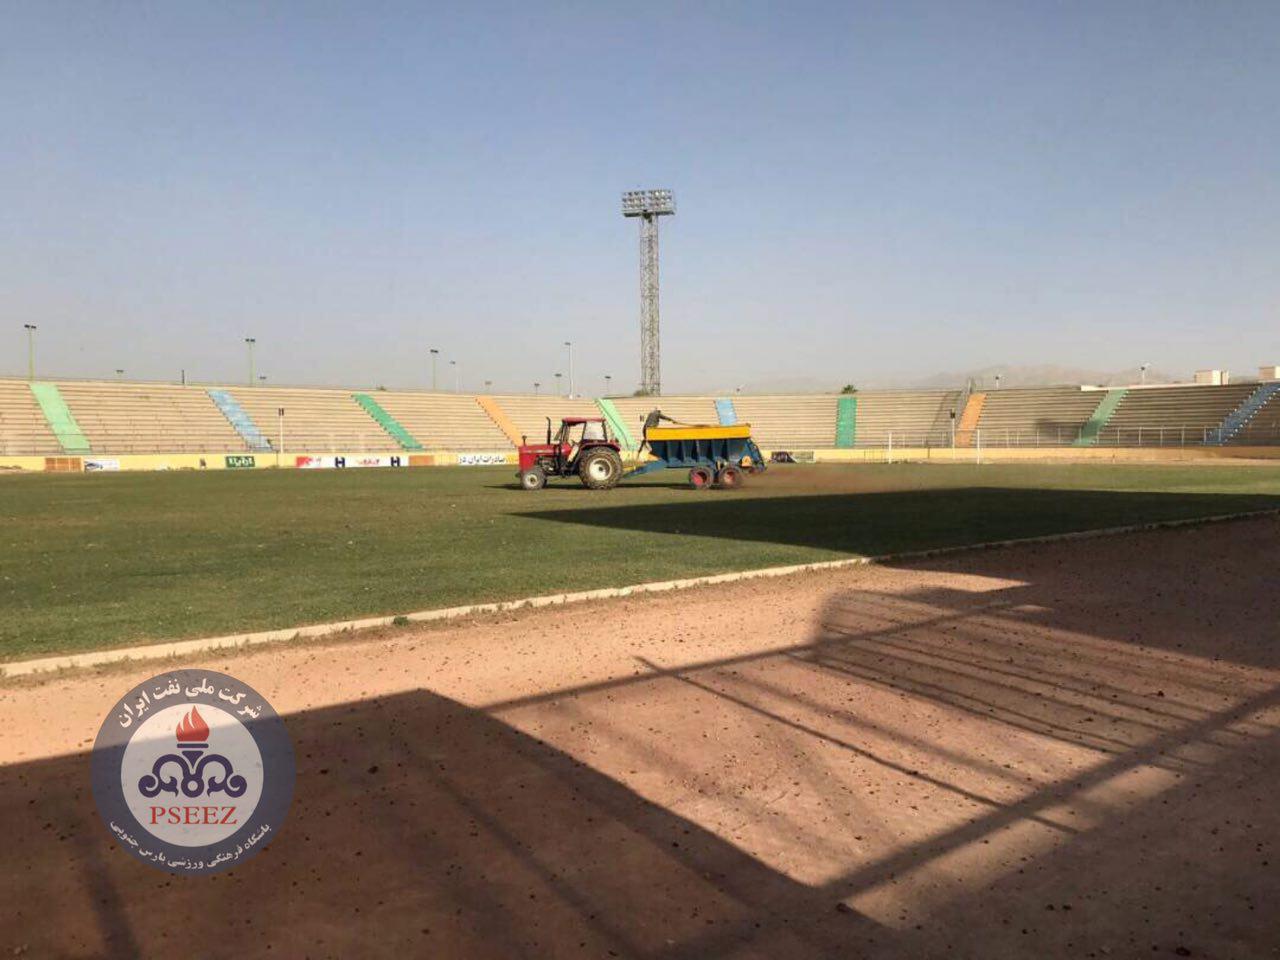 تصاویر / روند آمادهسازی استادیوم تختی جم